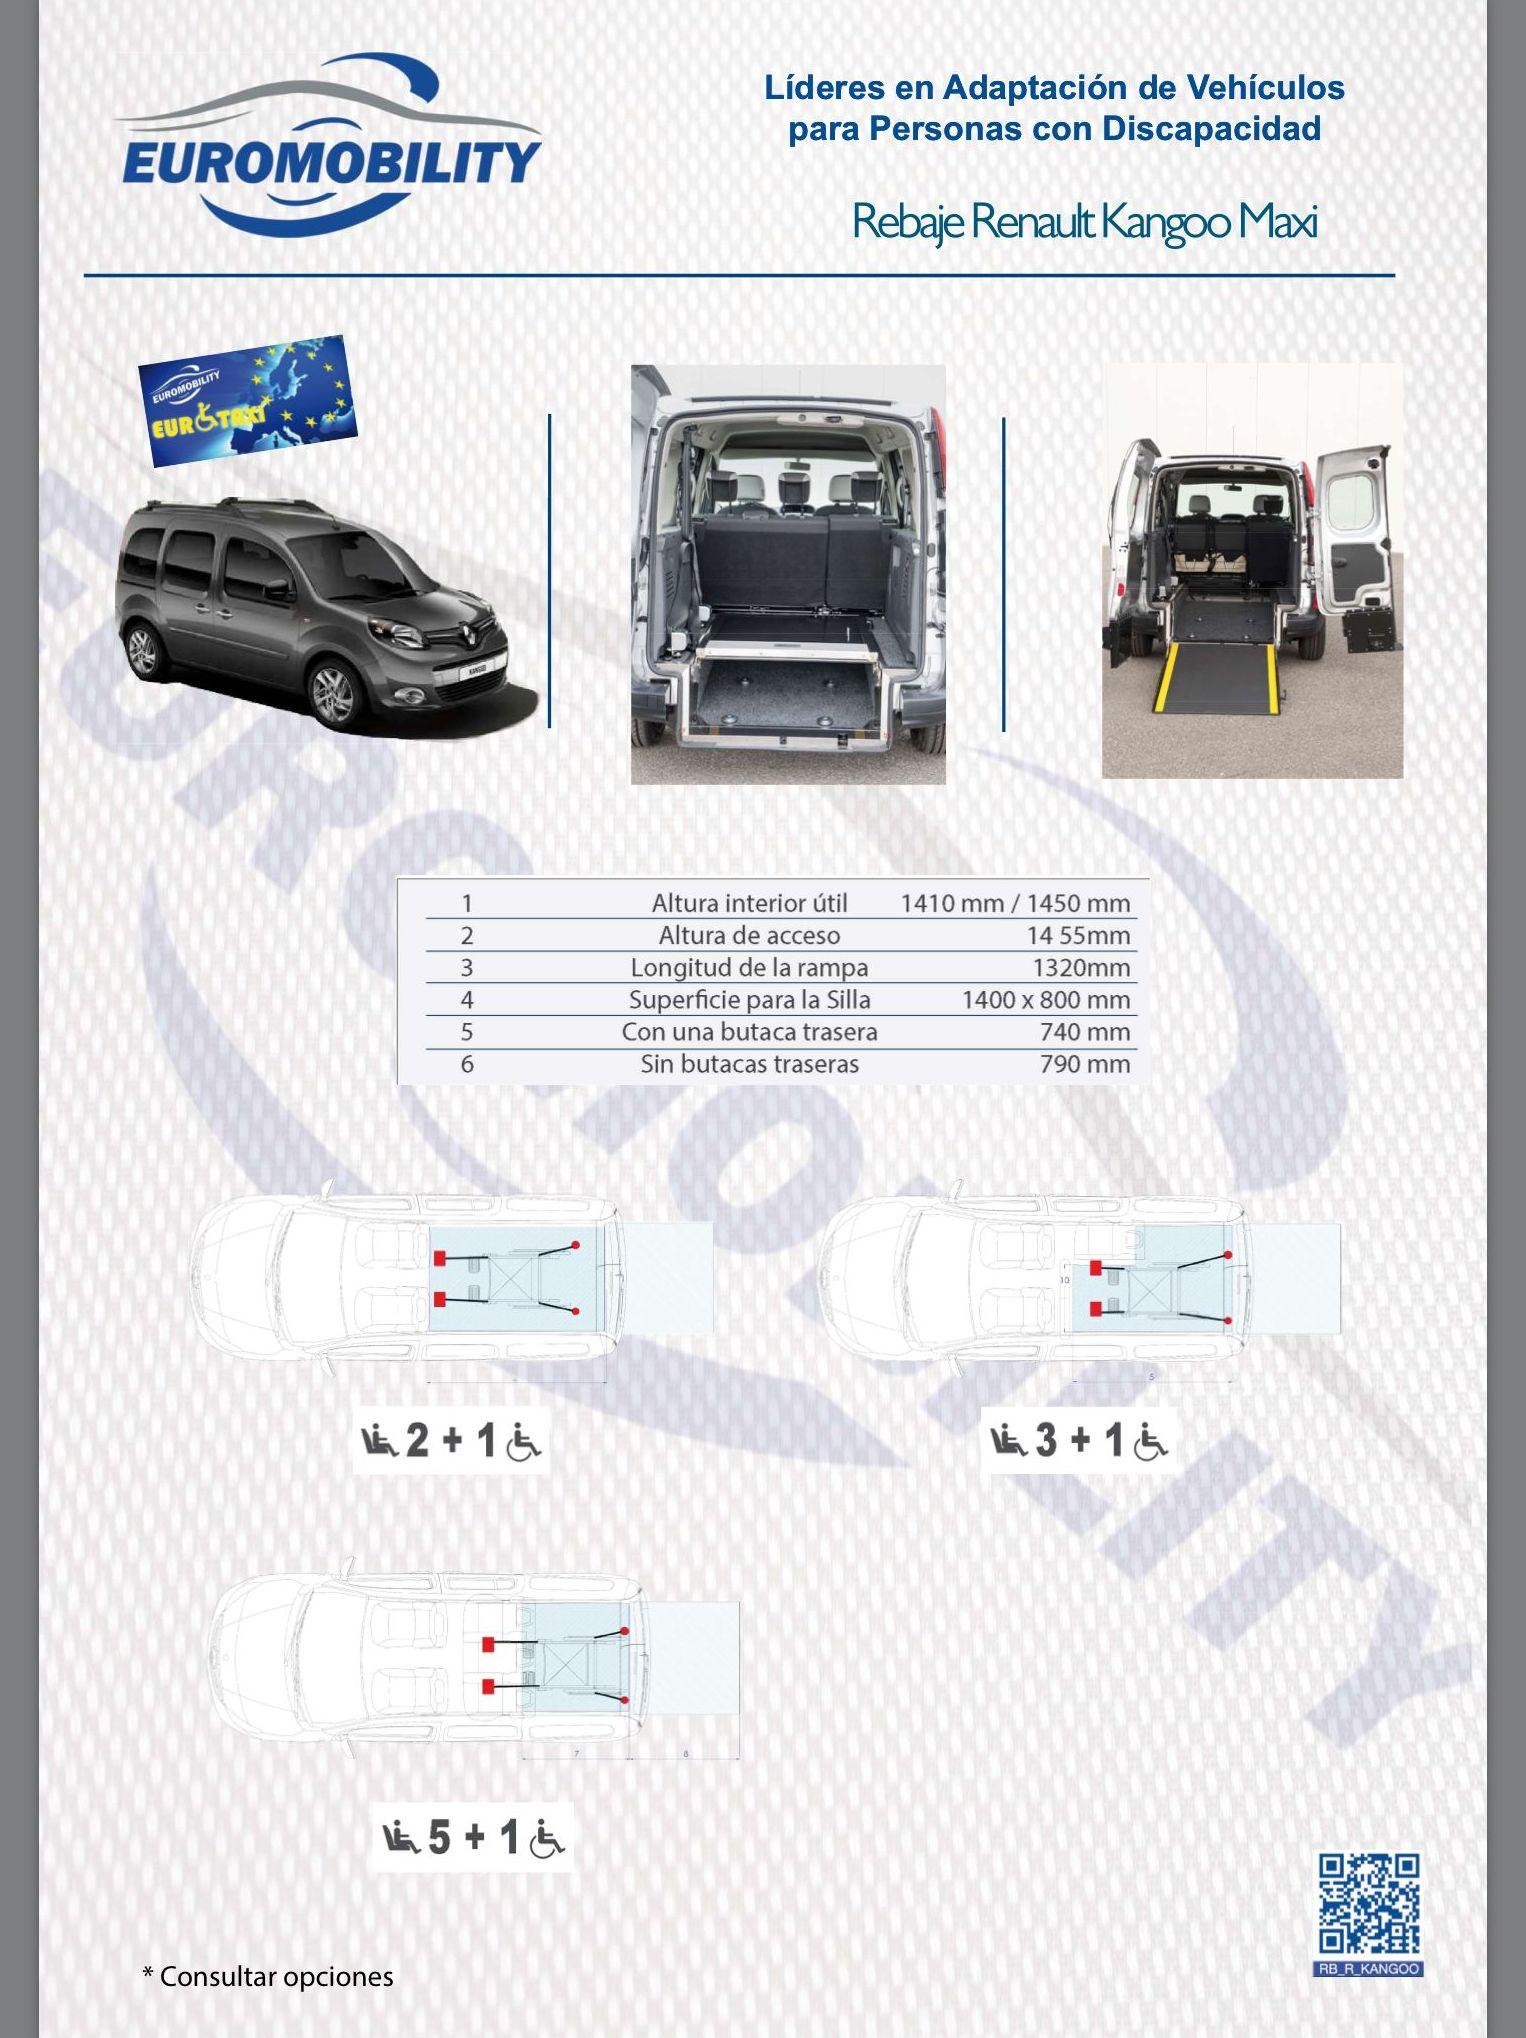 Adaptación de vehículos Gijón